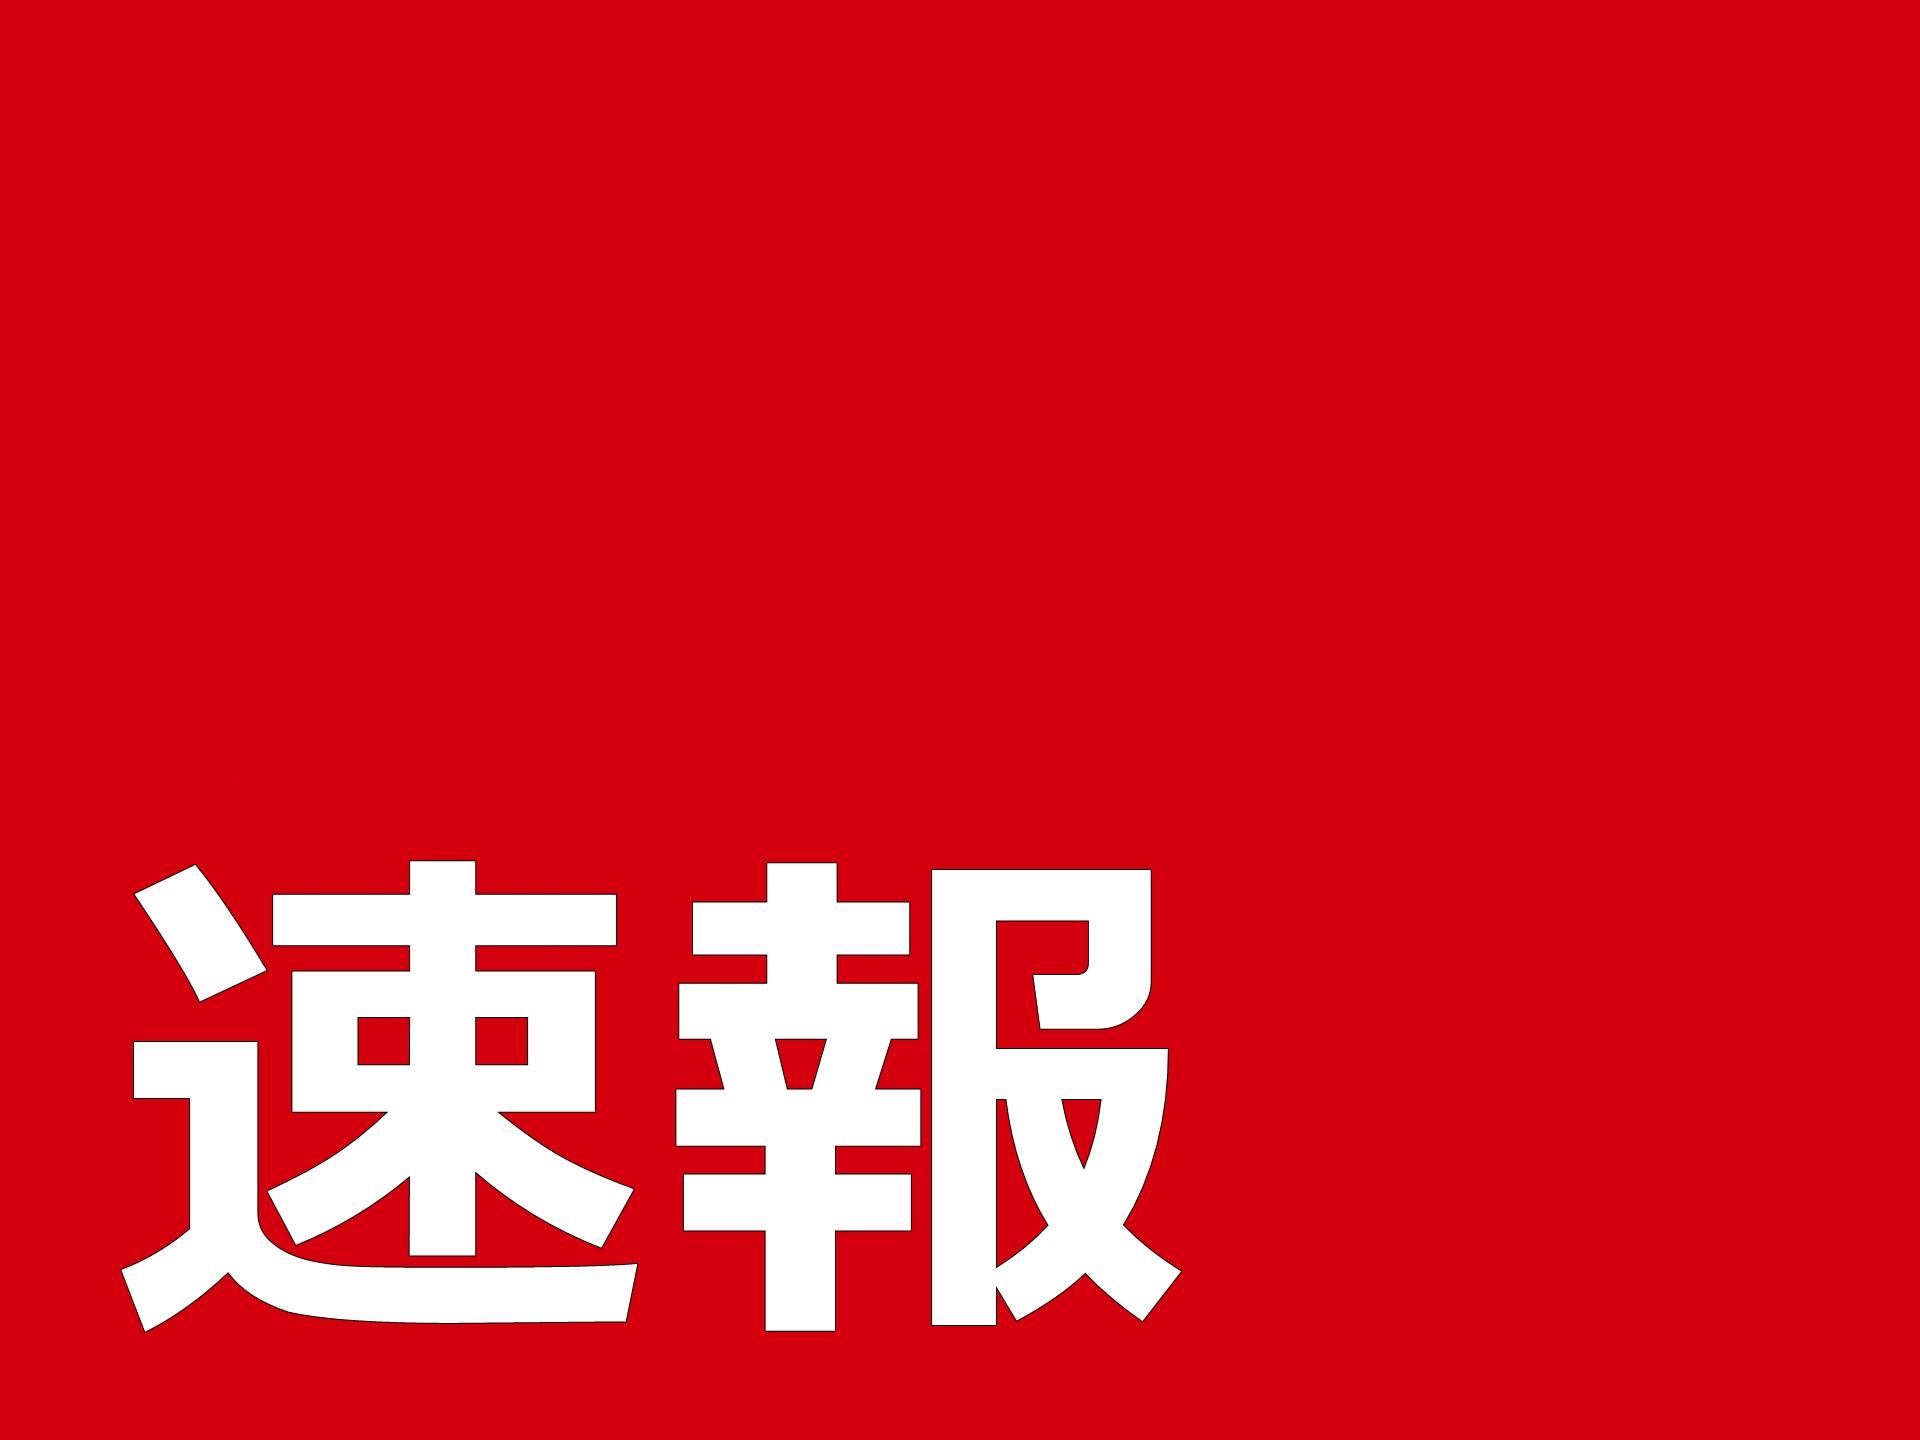 【事務所FAX全文】ジャニー喜多川社長が7月9日に死去